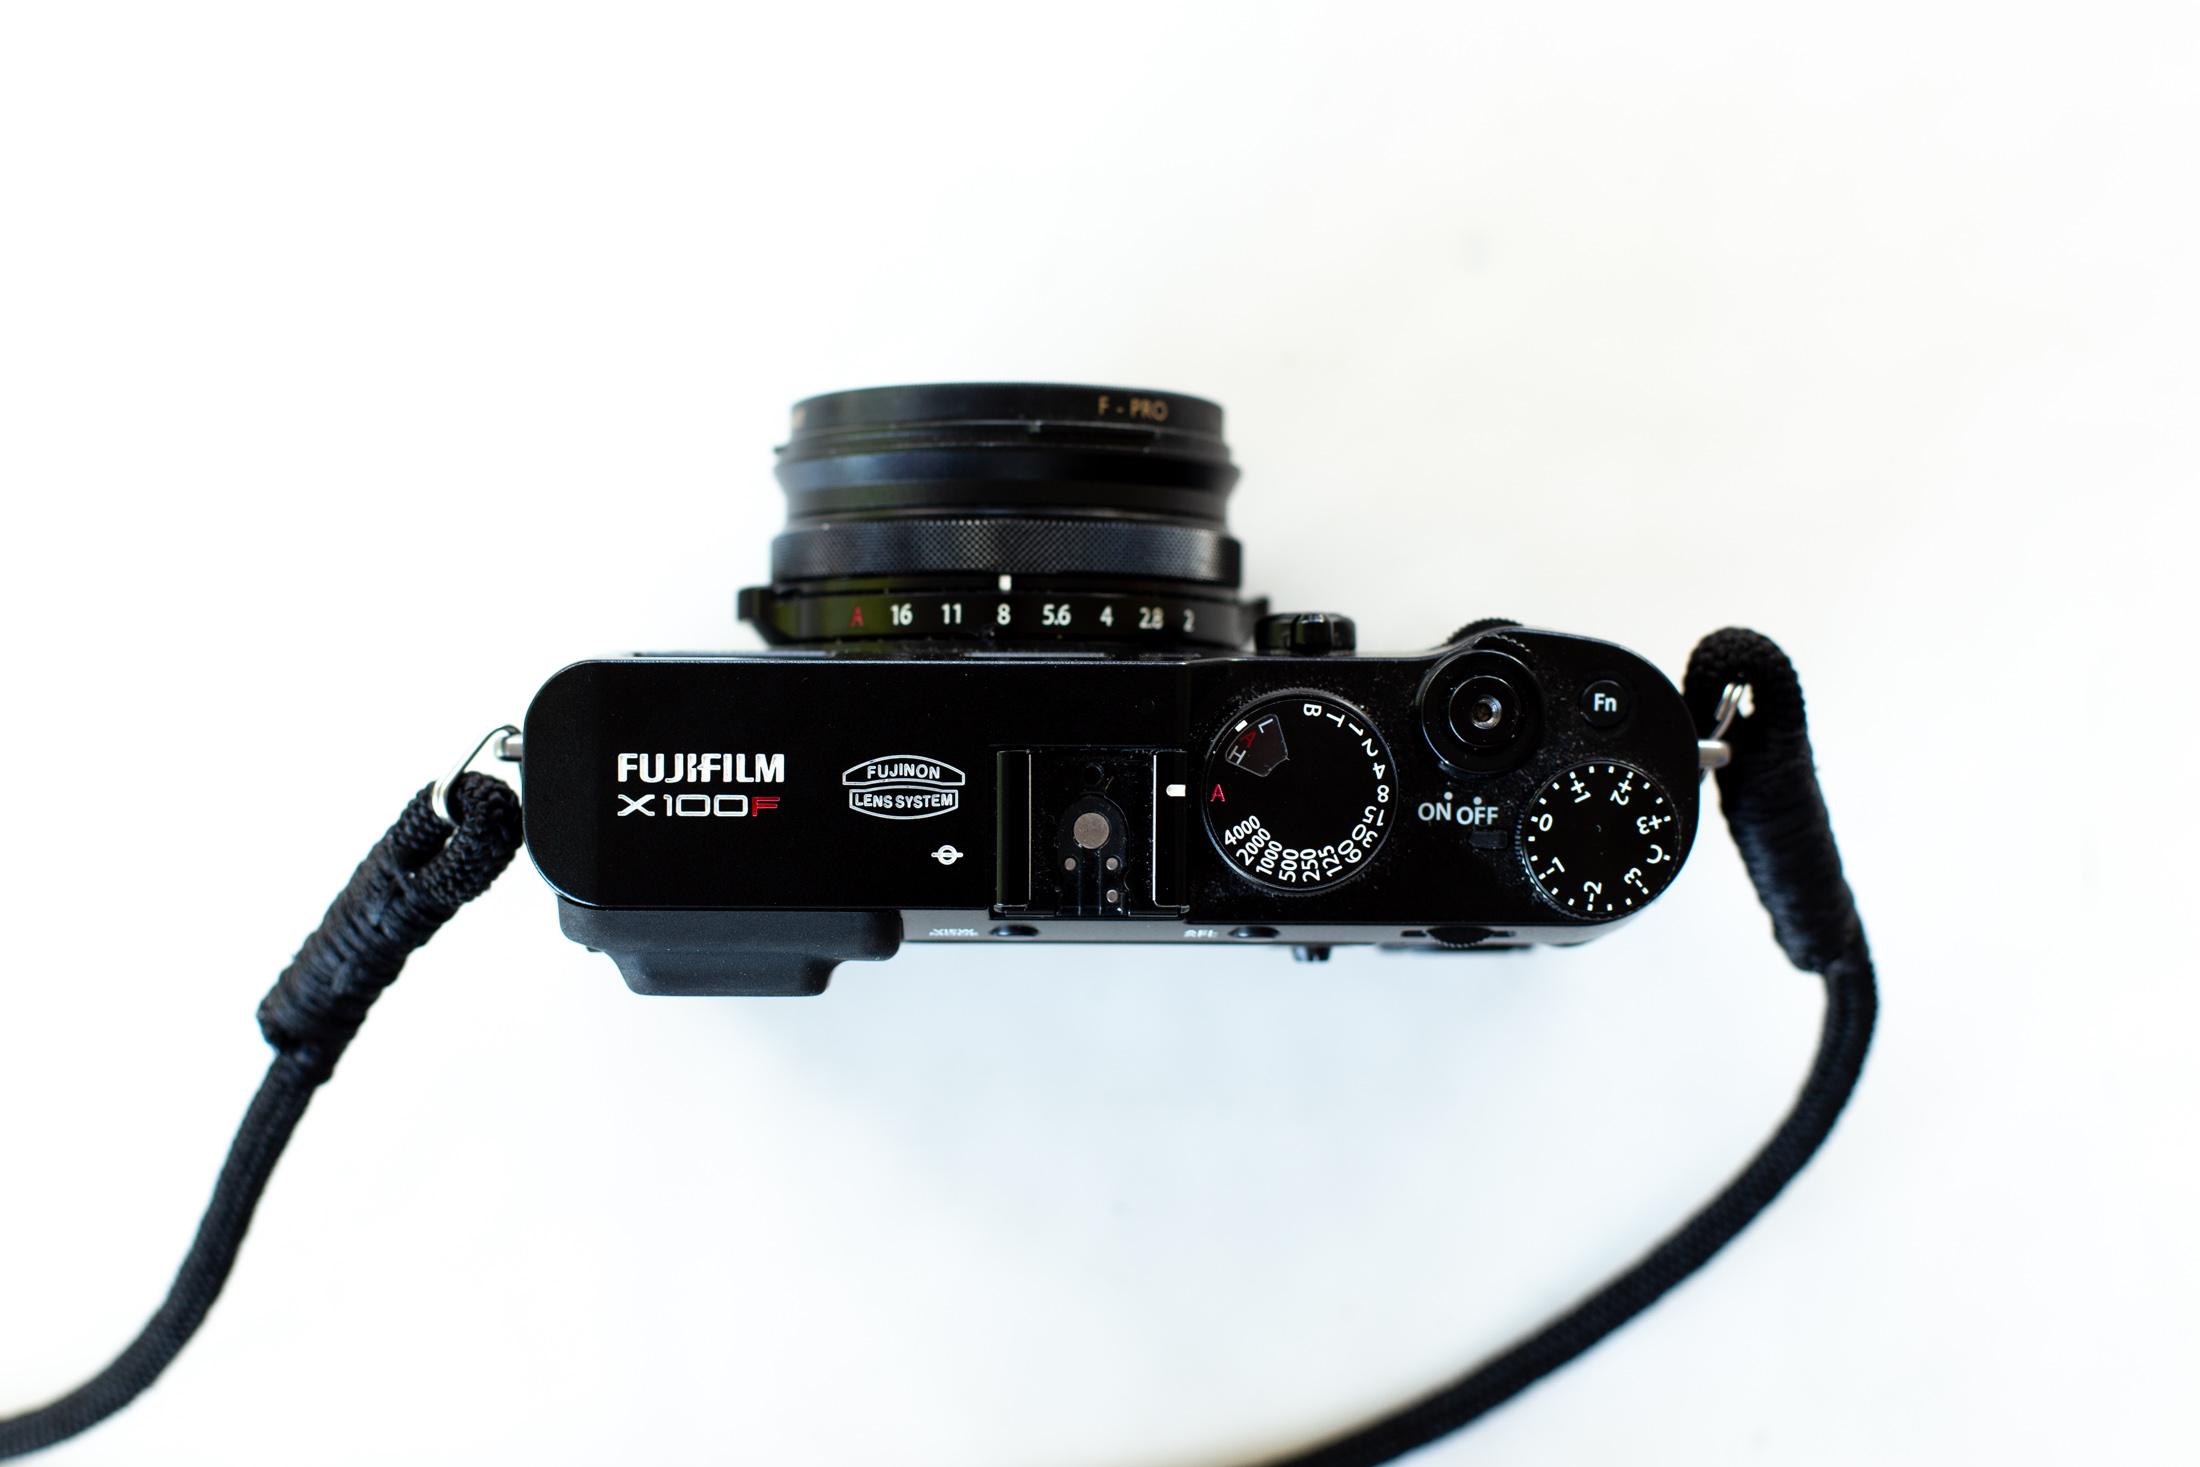 fujifilm_x100f-4562.jpg